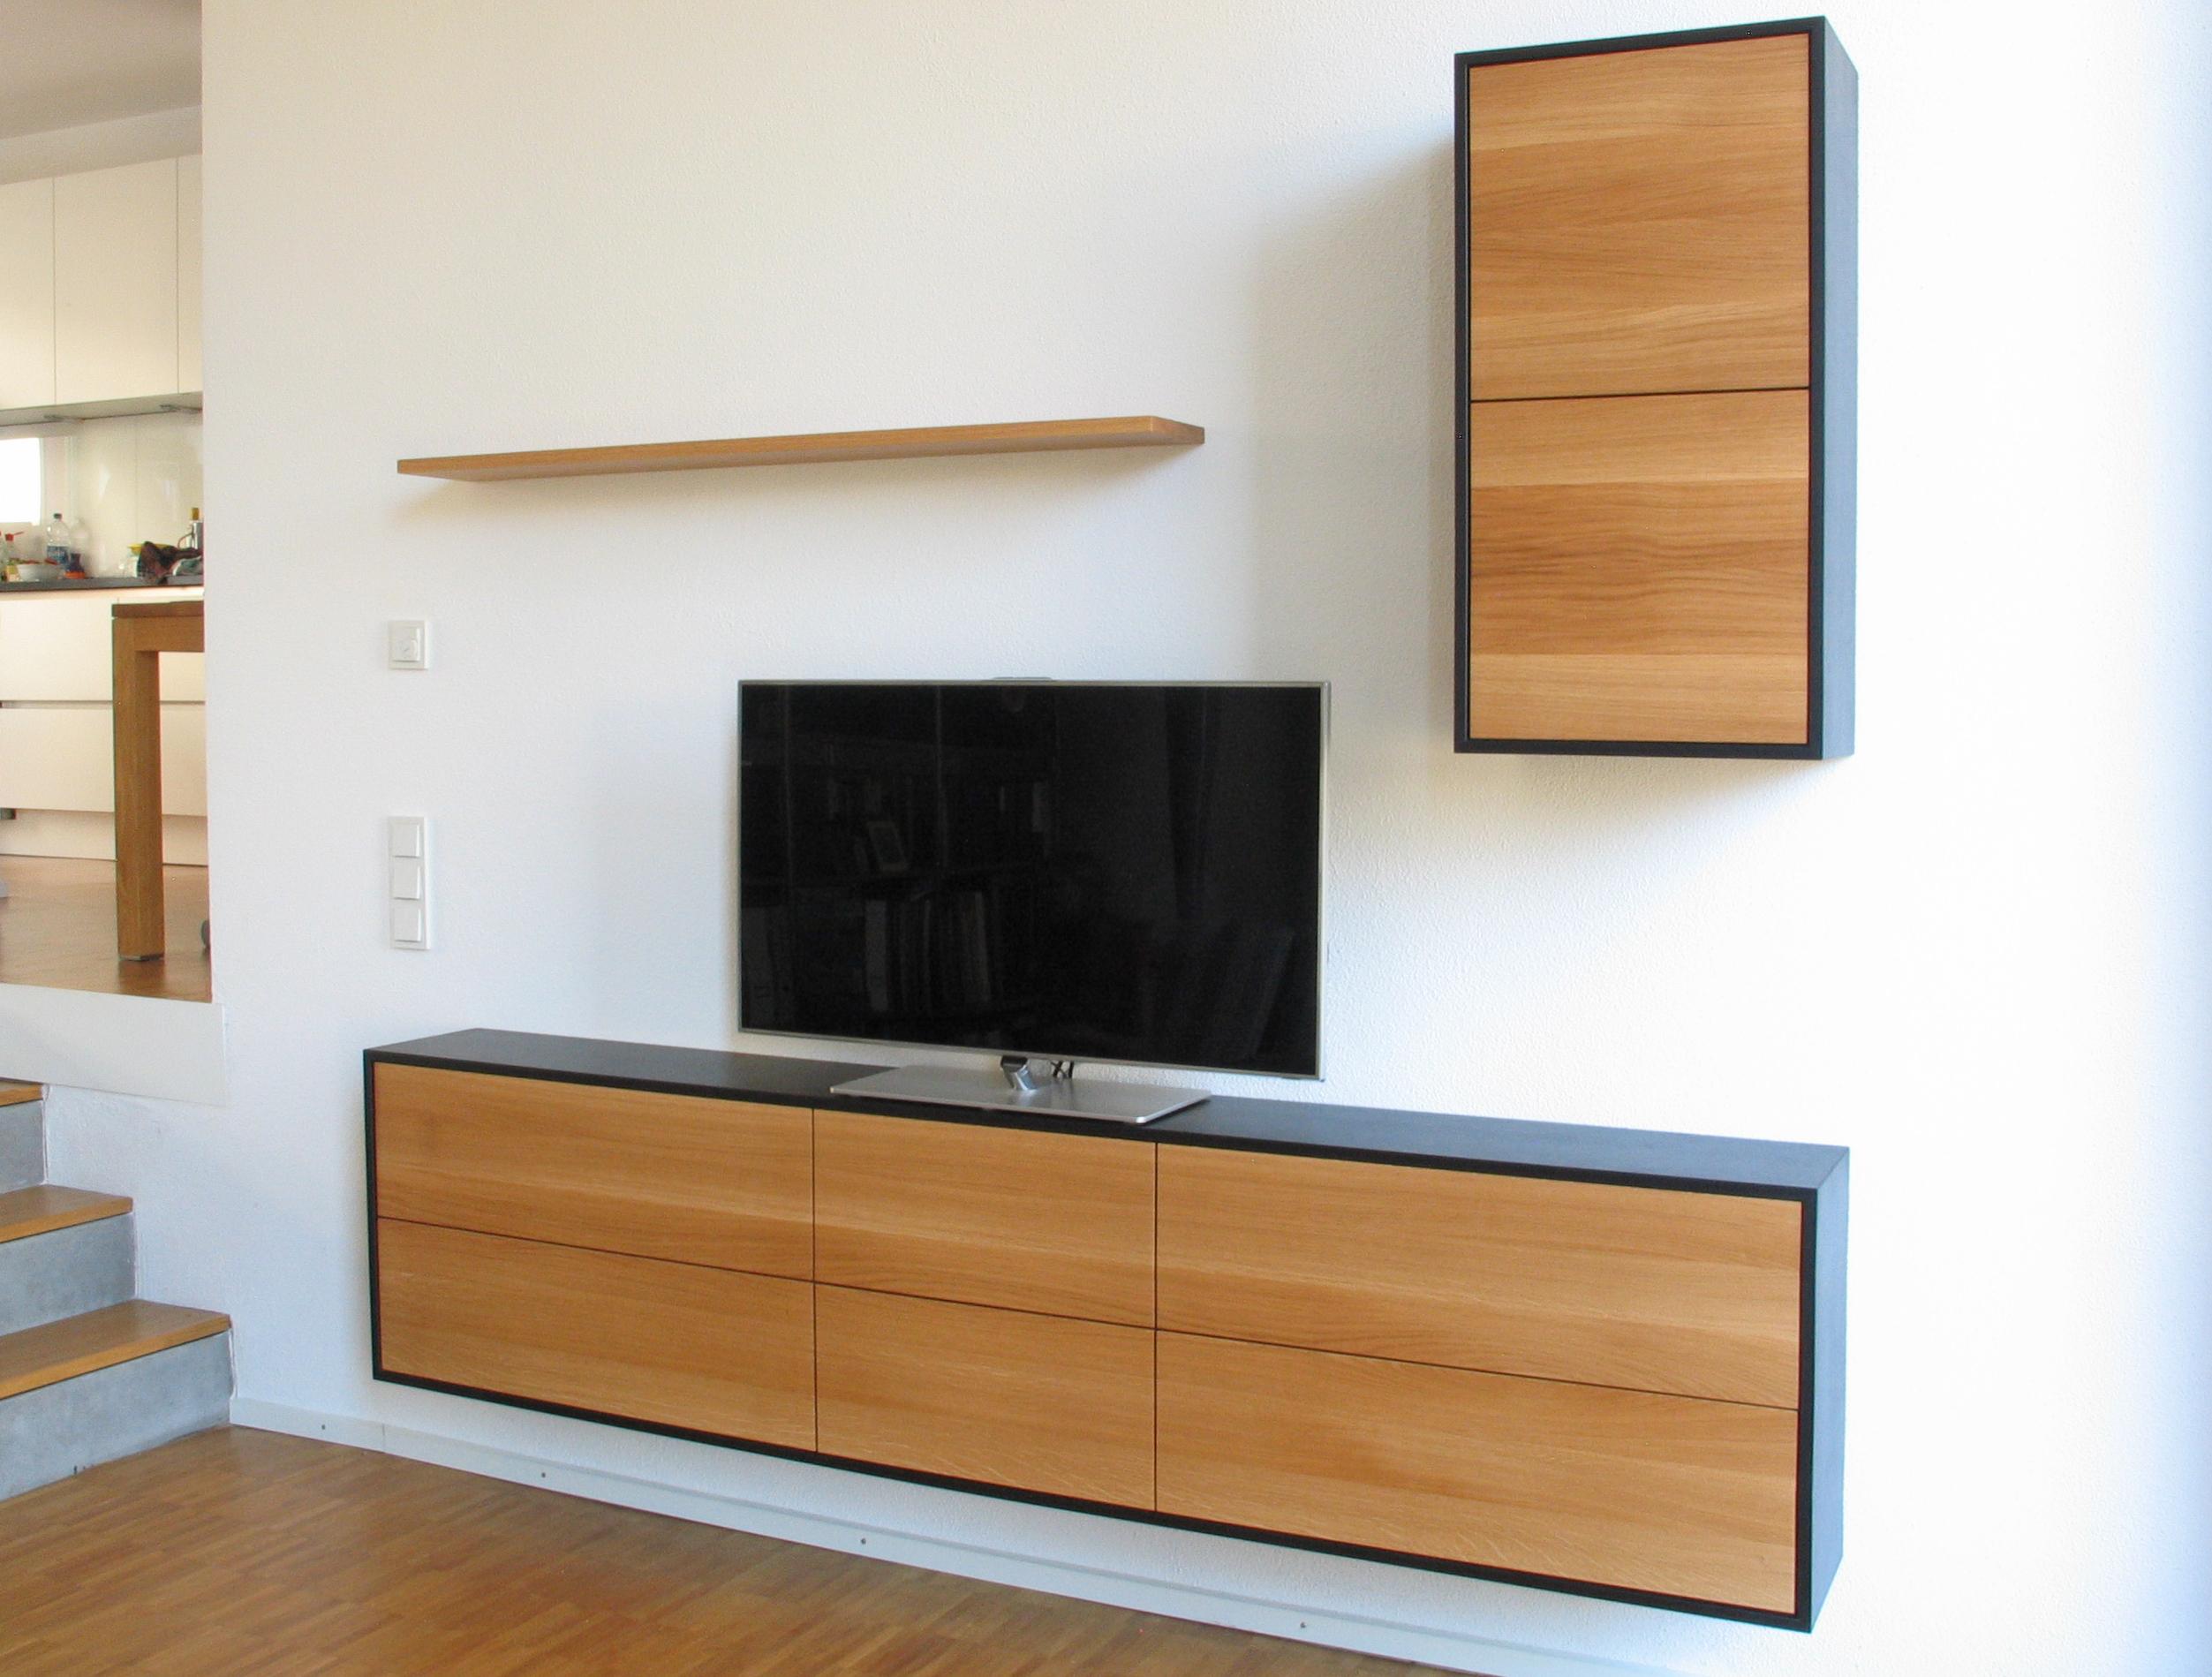 Wohnzimmer Möbel in MDF schwarz und Eiche Massivholz 01